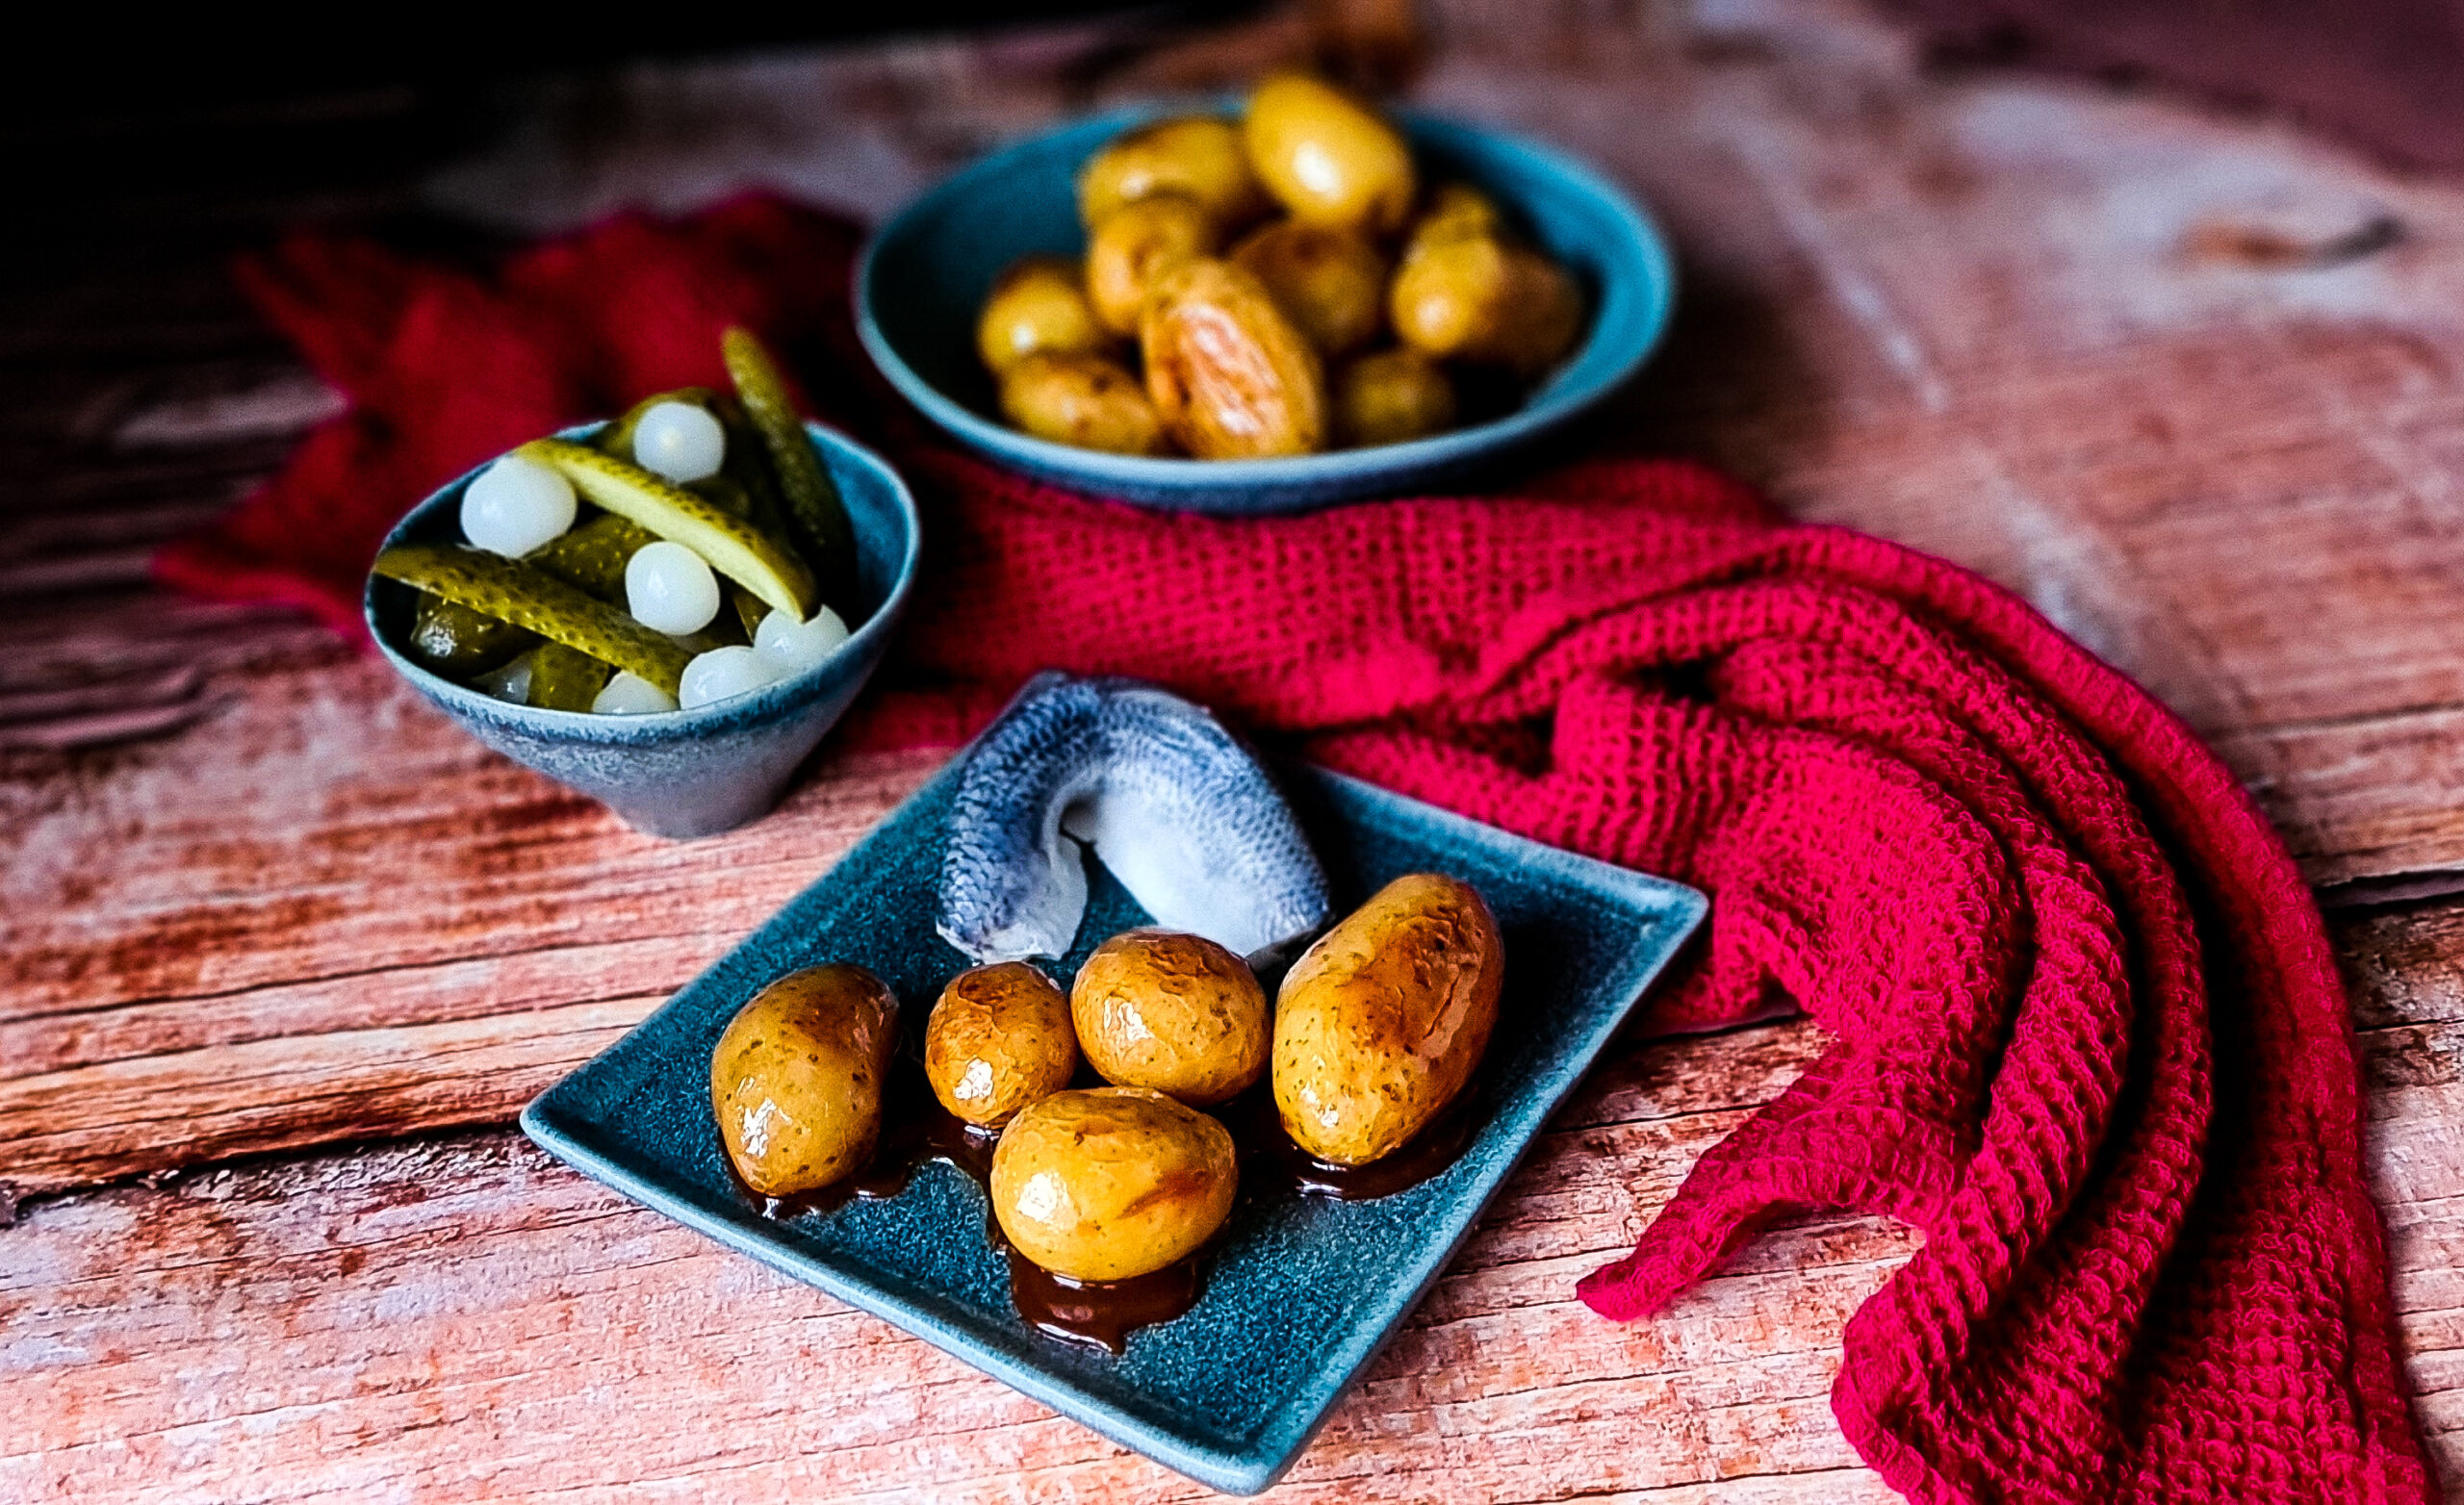 karmelizowane ziemniaki ze sledziem